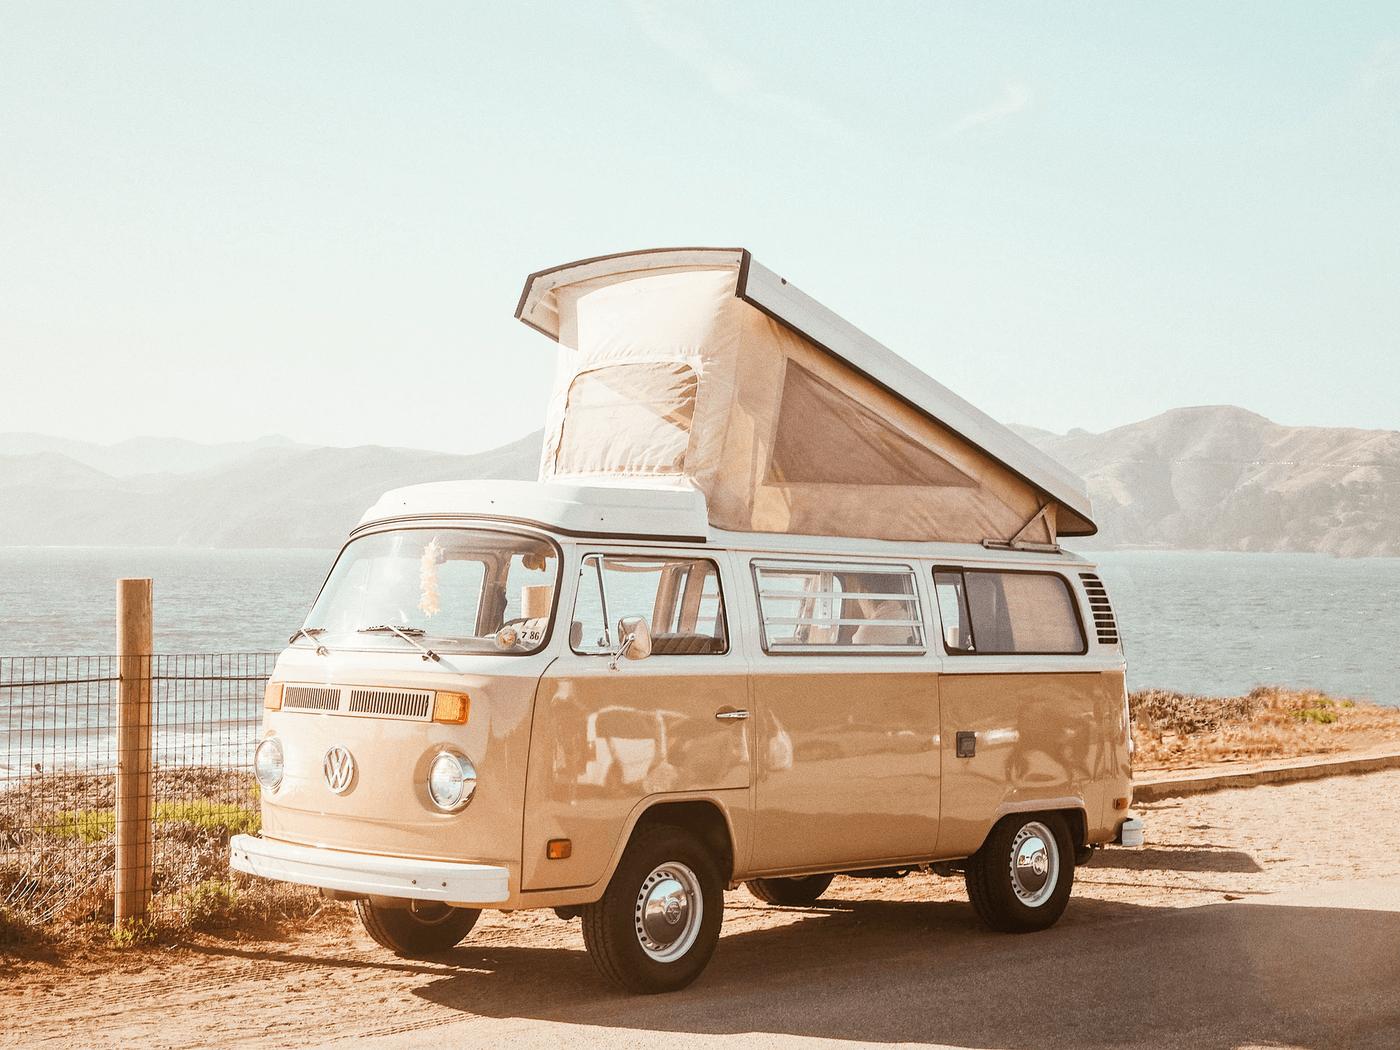 Un van pendant un voyage